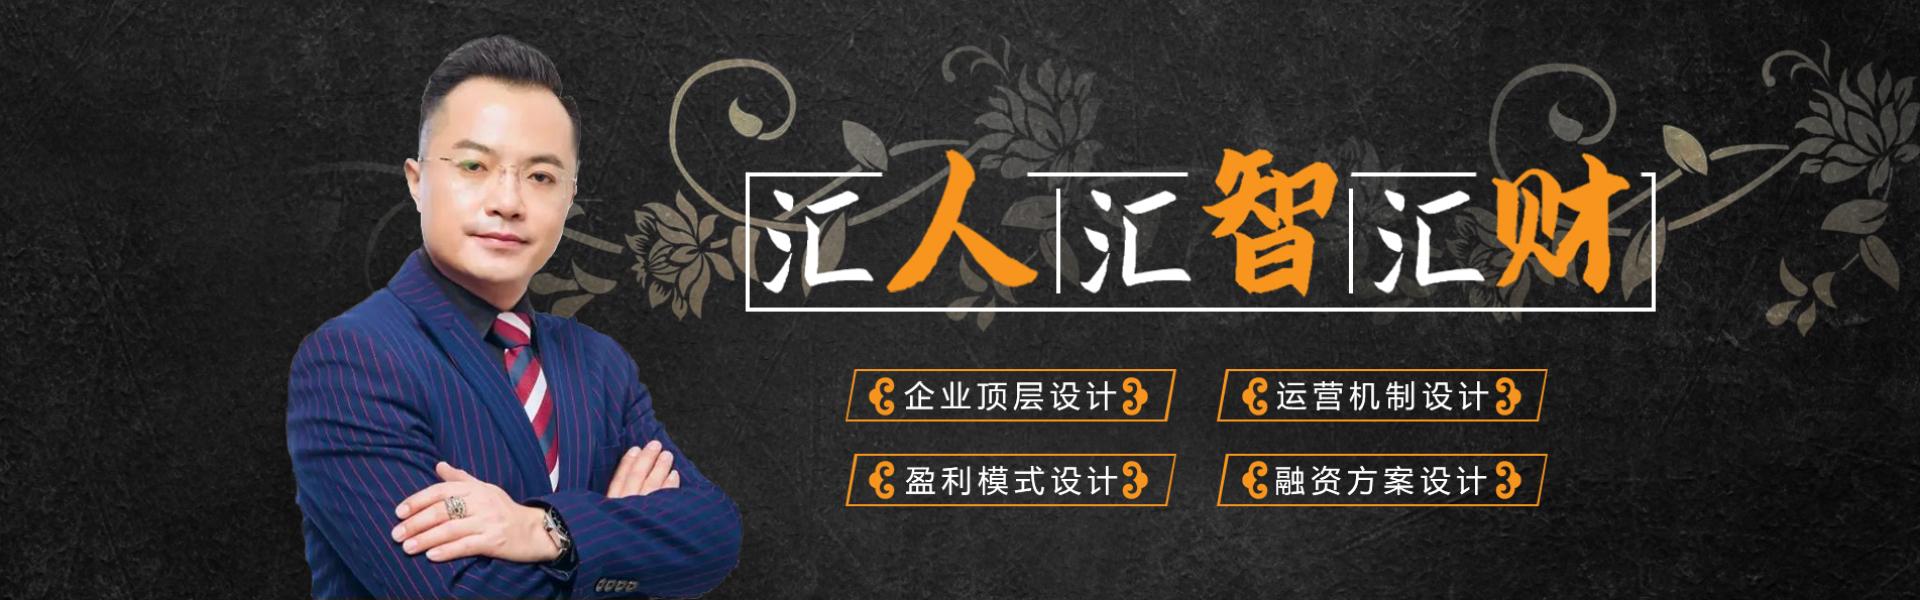 幸福汇_企业顶层设计课程_郑东明